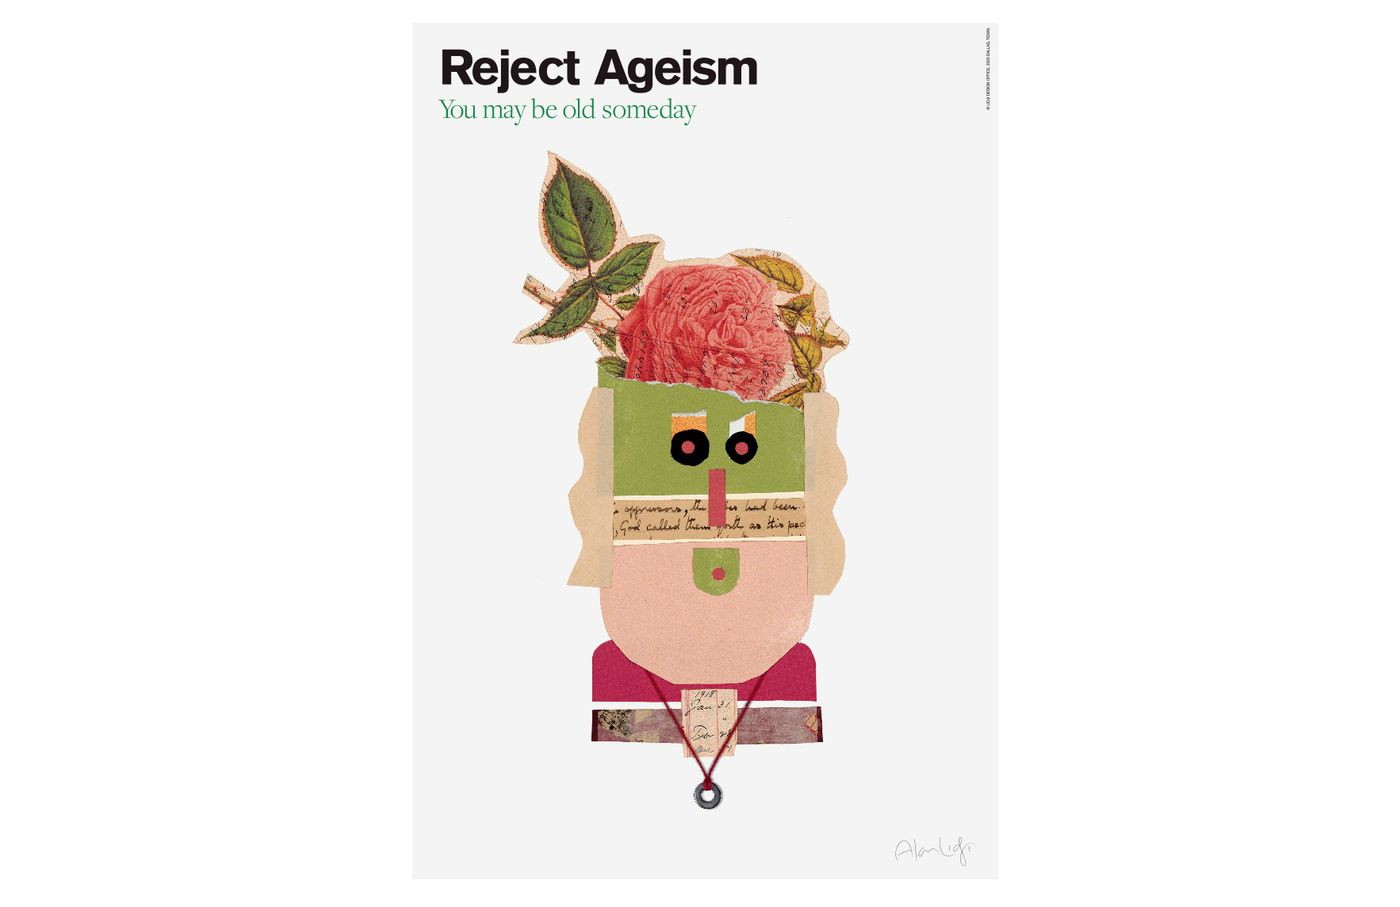 RejectAgeism.jpg